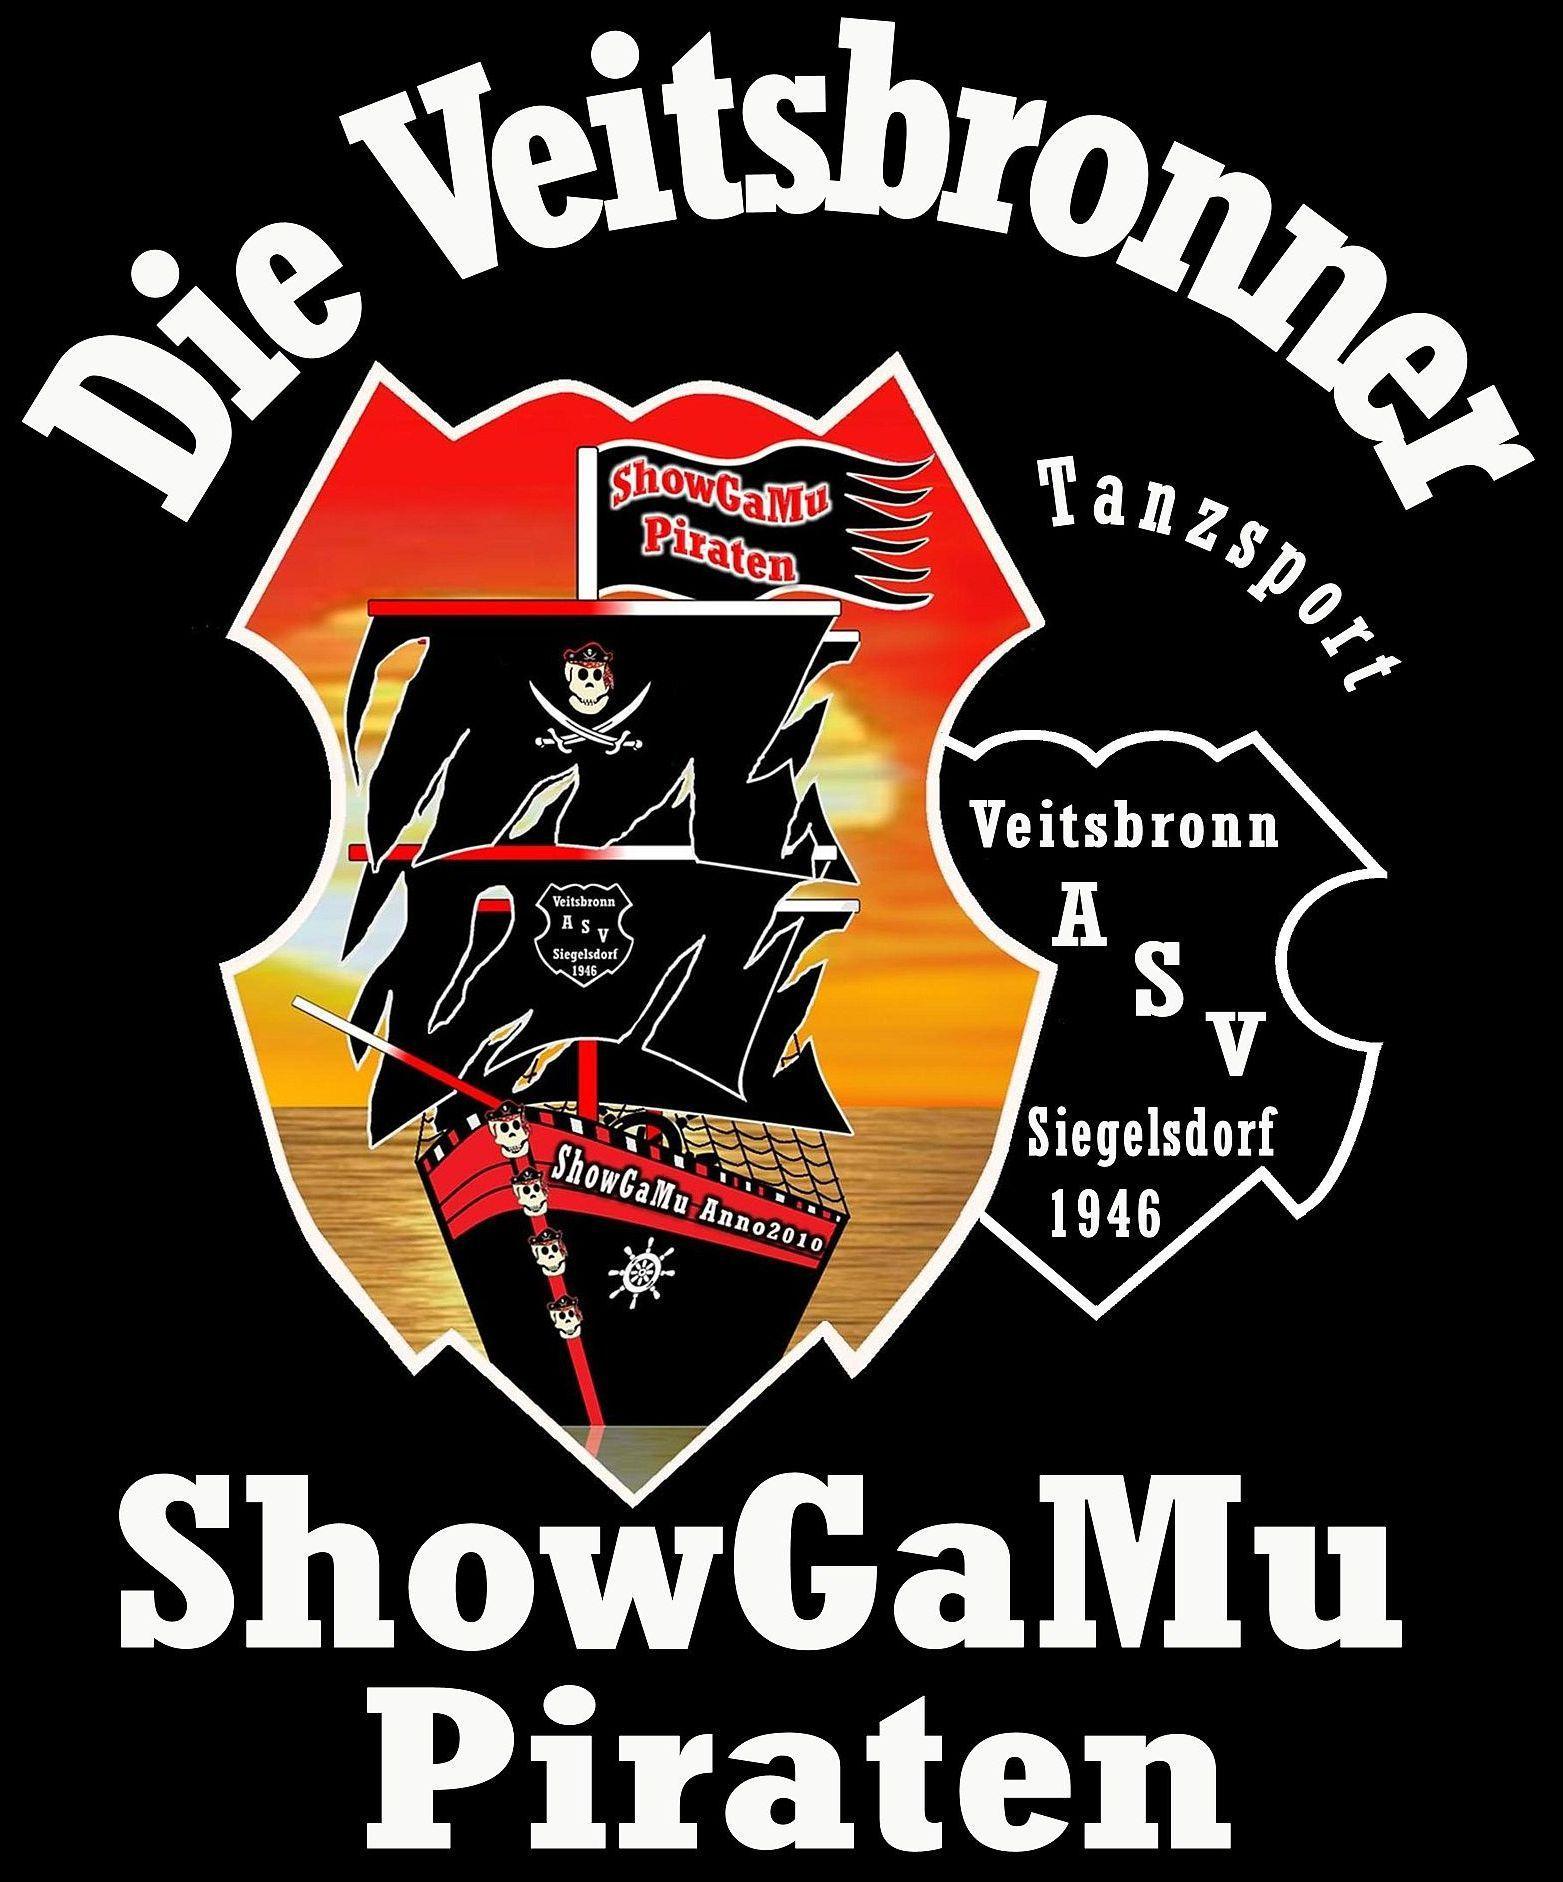 ShowGaMu Piraten